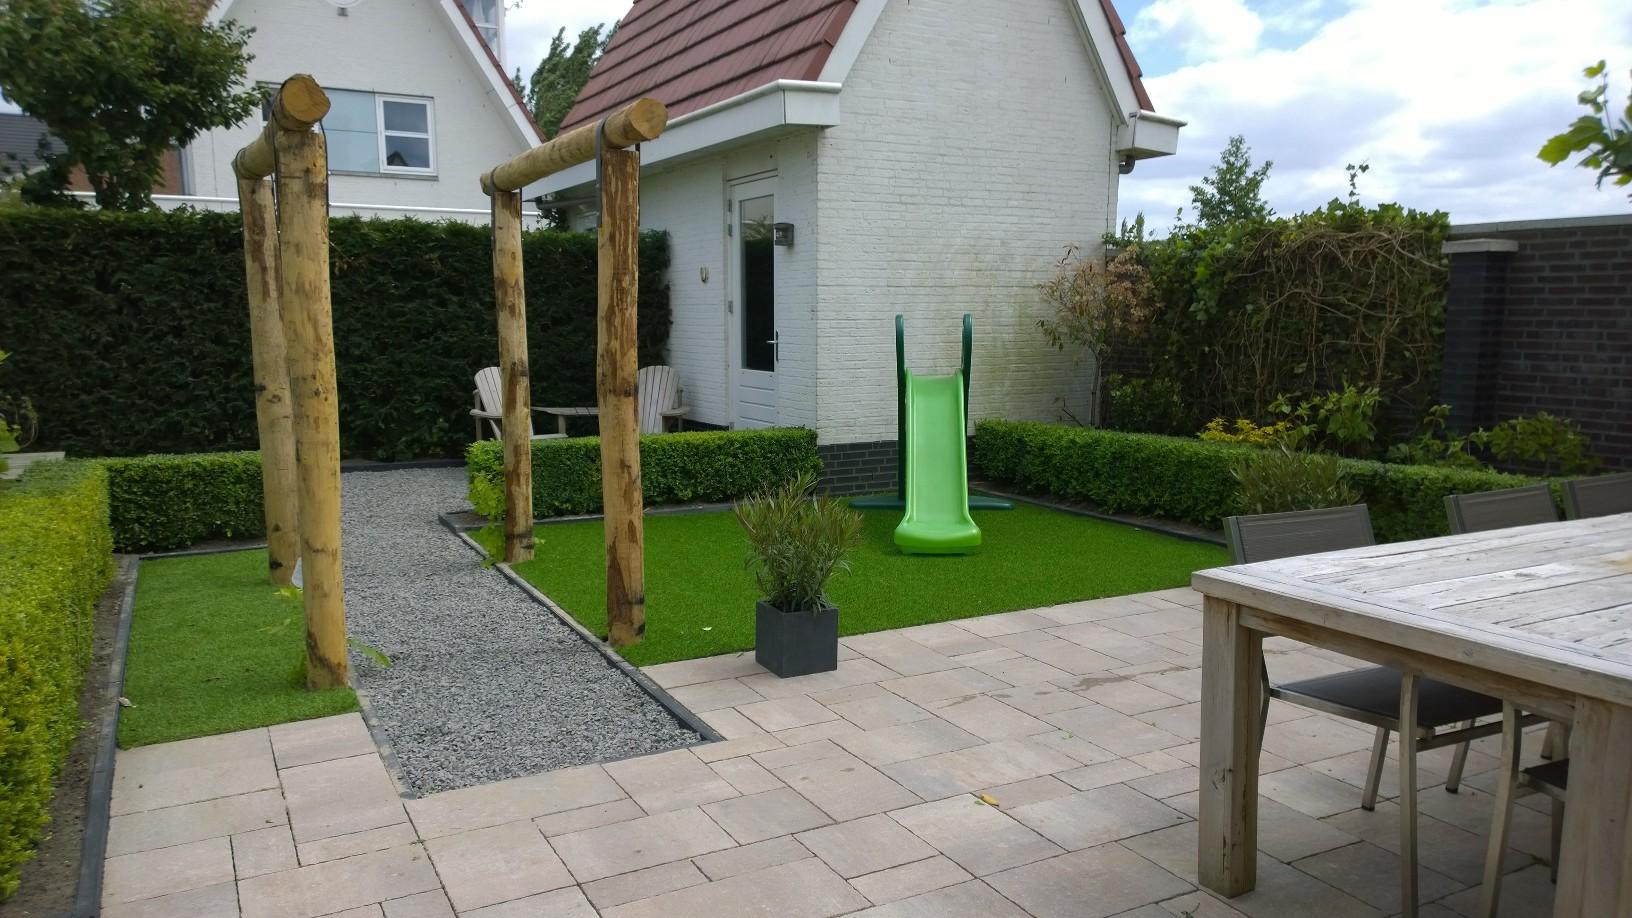 Kleine tuin met kunstgras van breukelen groenvoorzieningen for Tuinontwerp kleine tuin strak